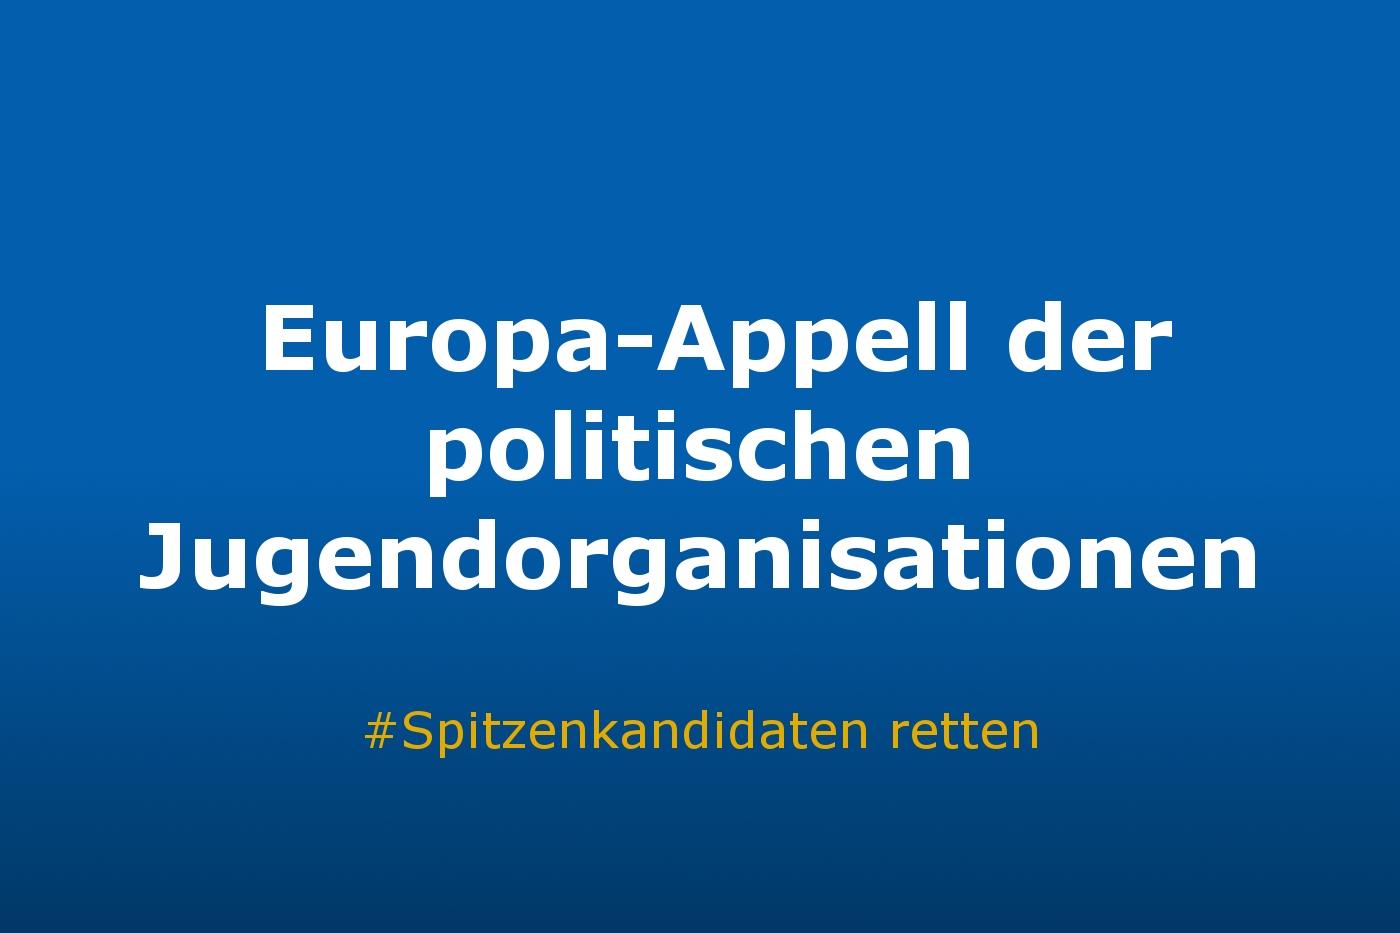 Appell der politischen Jugendorganisationen